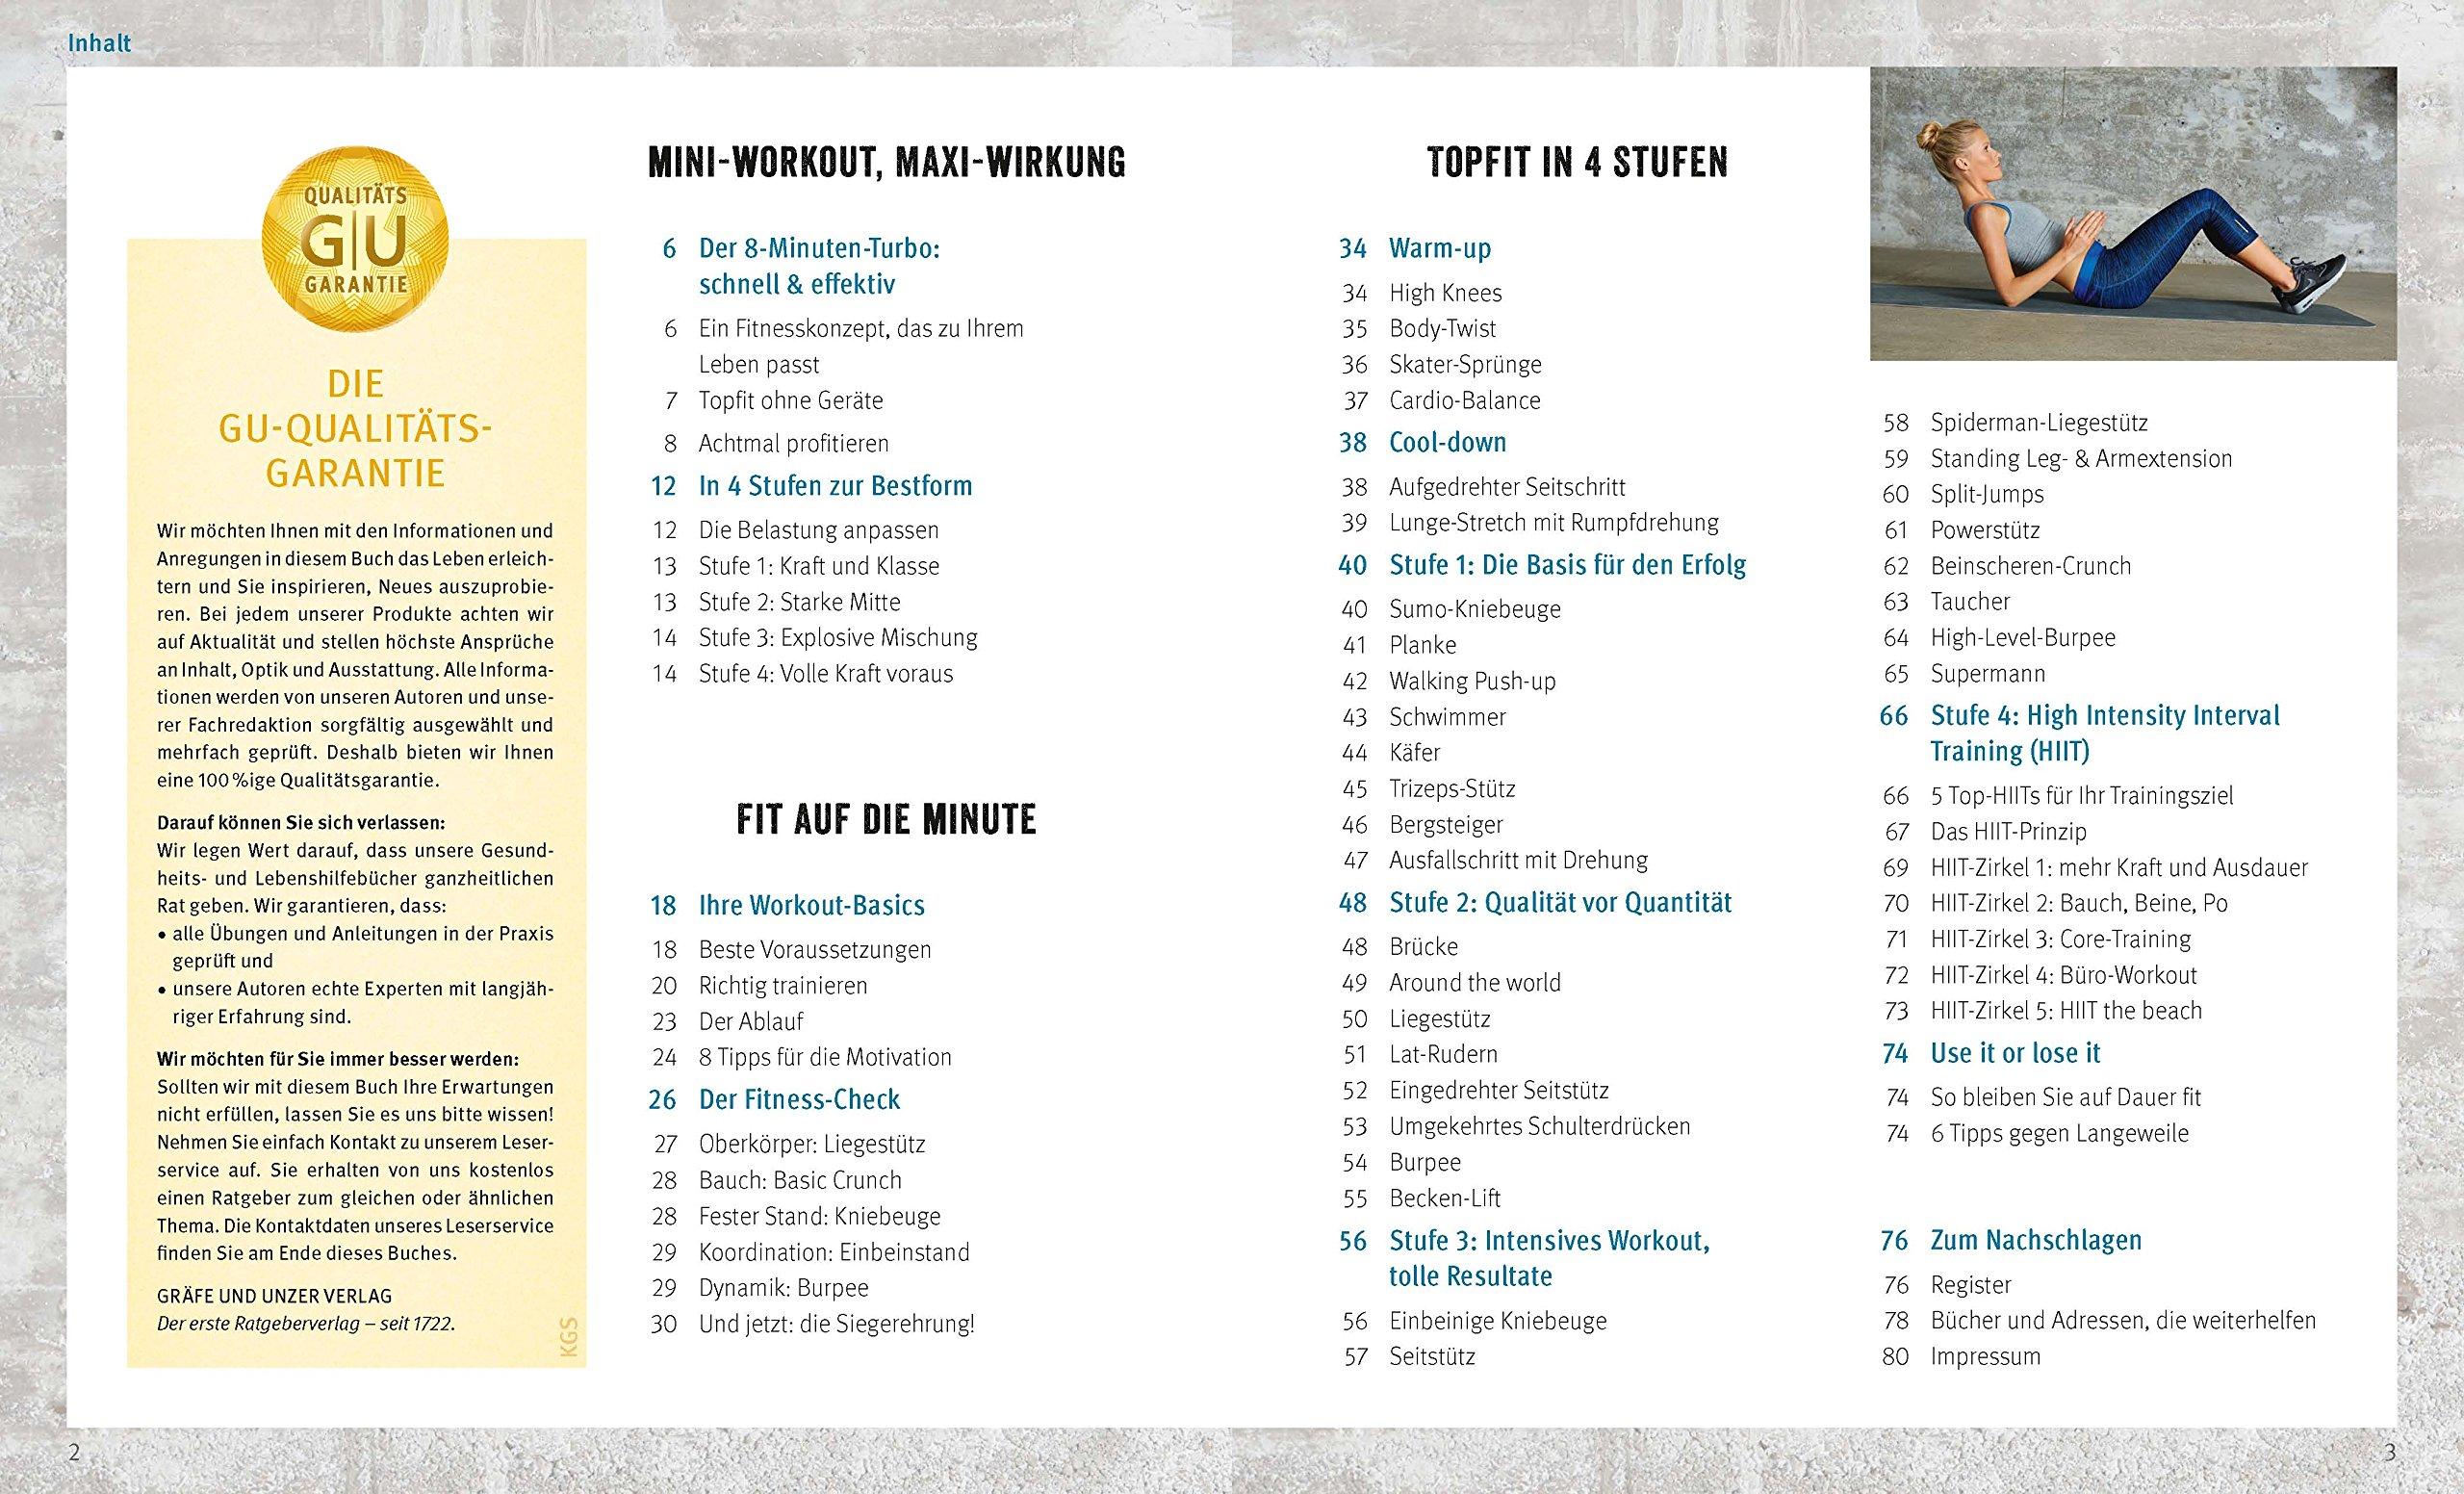 Das 8-Minuten-Muskel-Workout ohne Geräte mit DVD GU Multimedia Körper,  Geist & Seele: Amazon.de: Thorsten Tschirner: Bücher